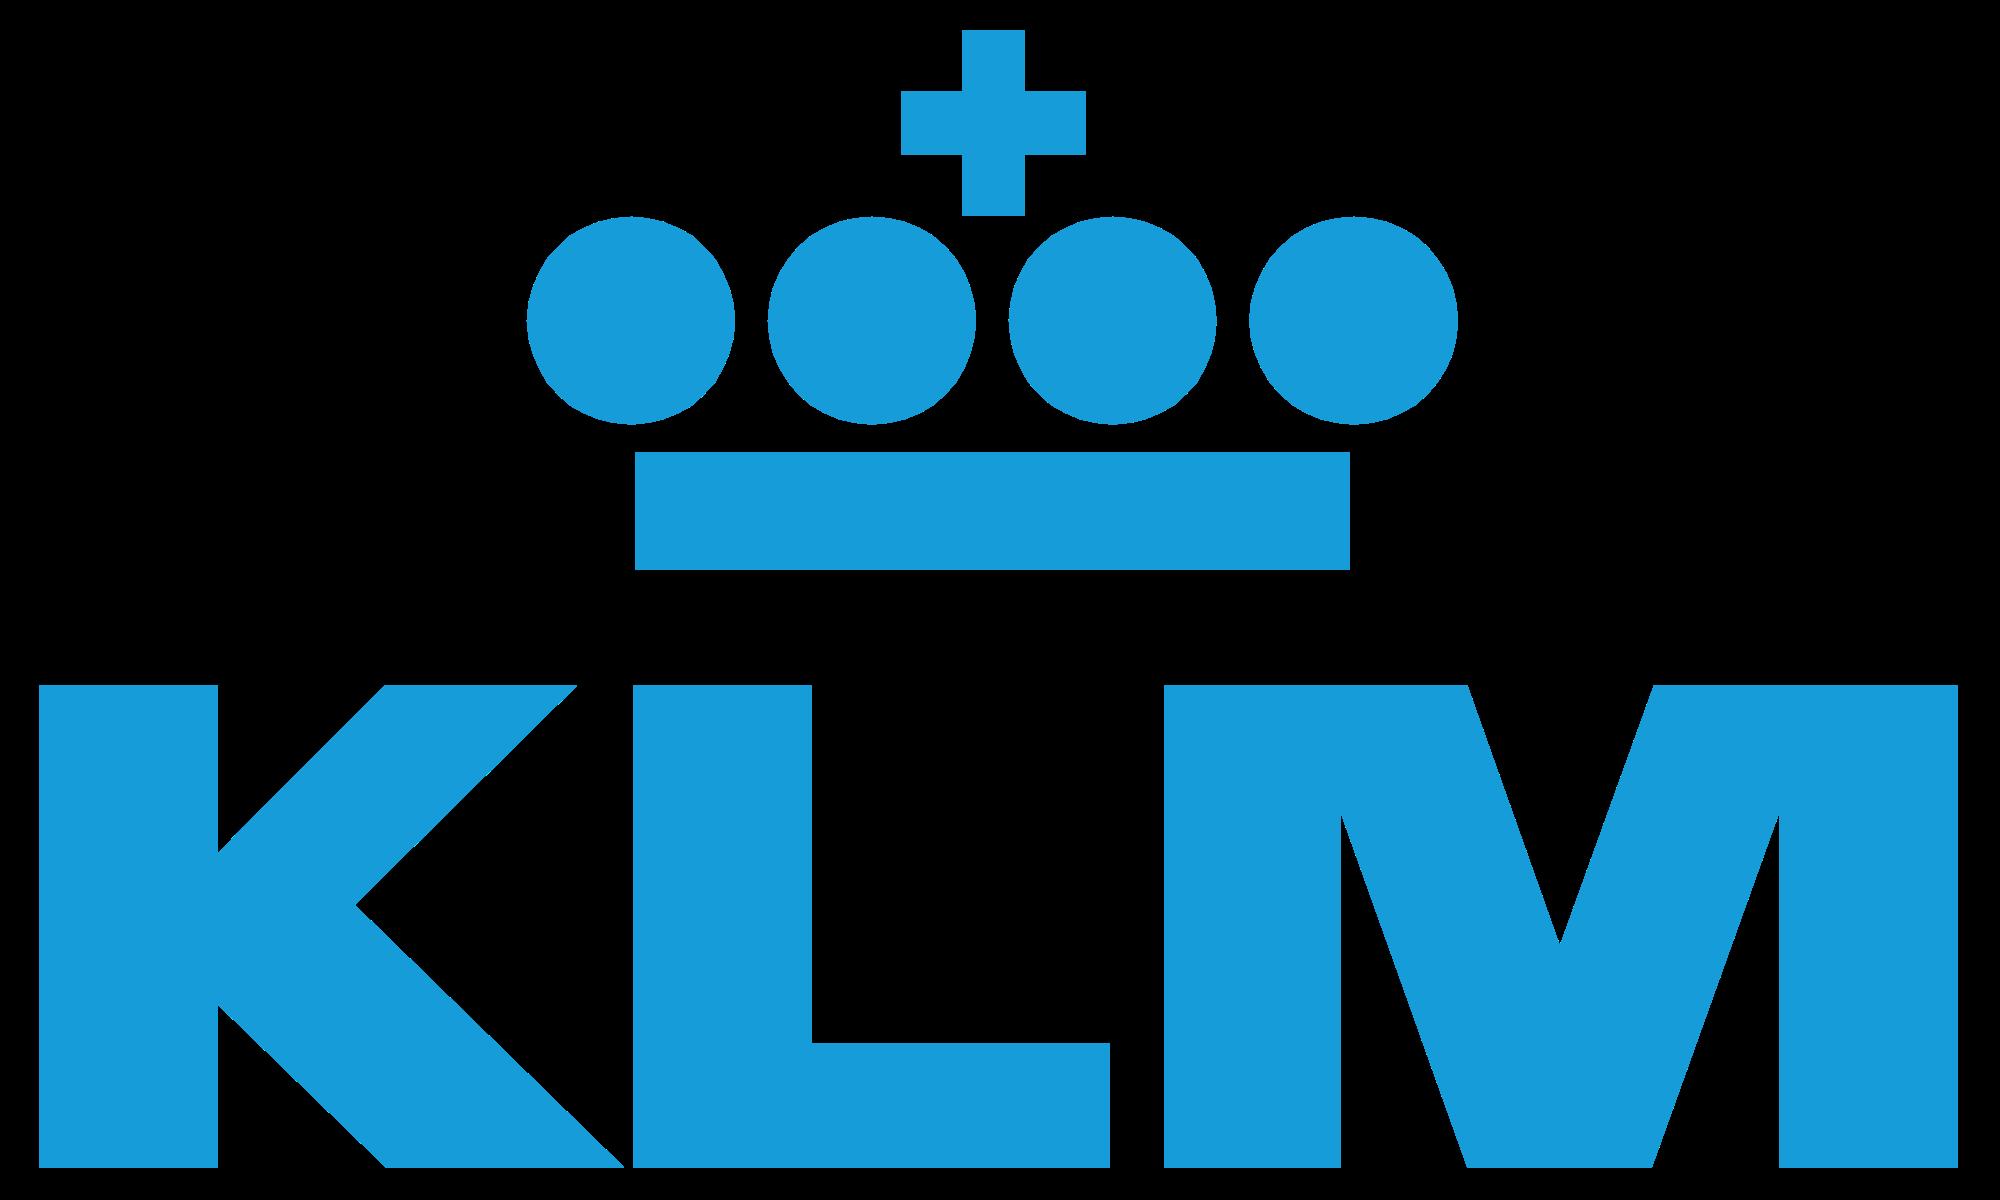 Réserver un billet d'avion KLM par téléphone